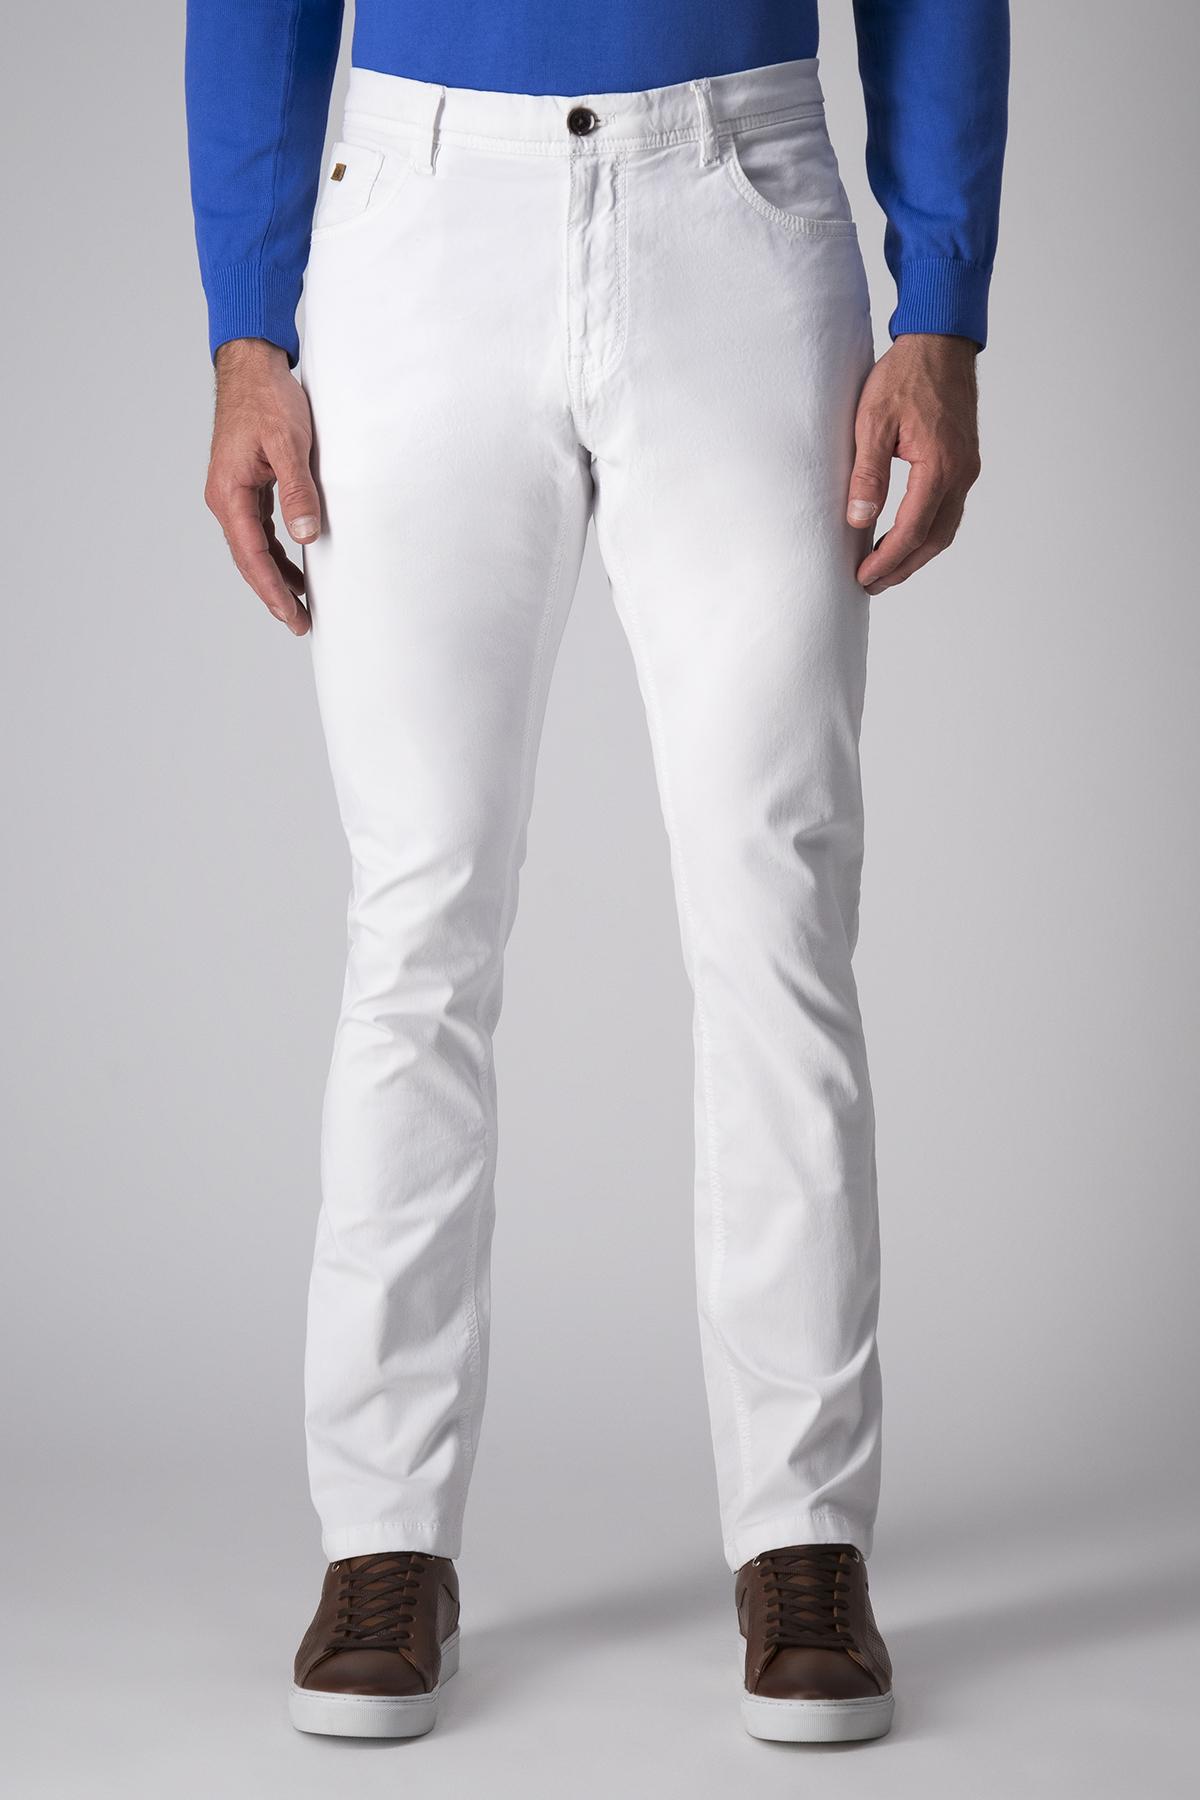 Pantalón Robert´s, color blanco, modelo 5 bolsillos.